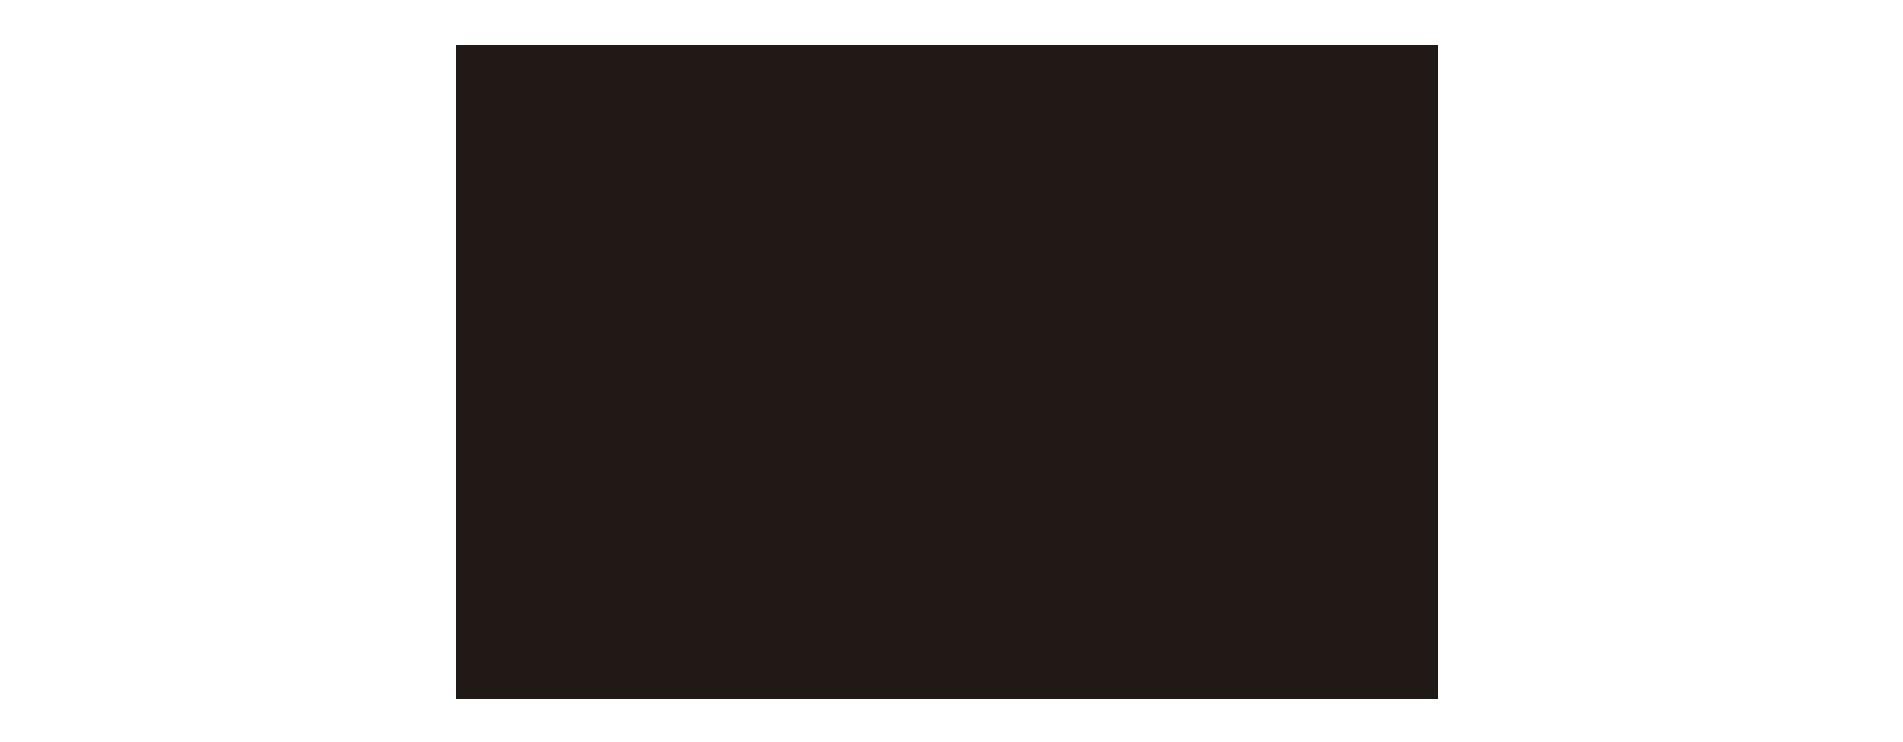 Bauhaus 101